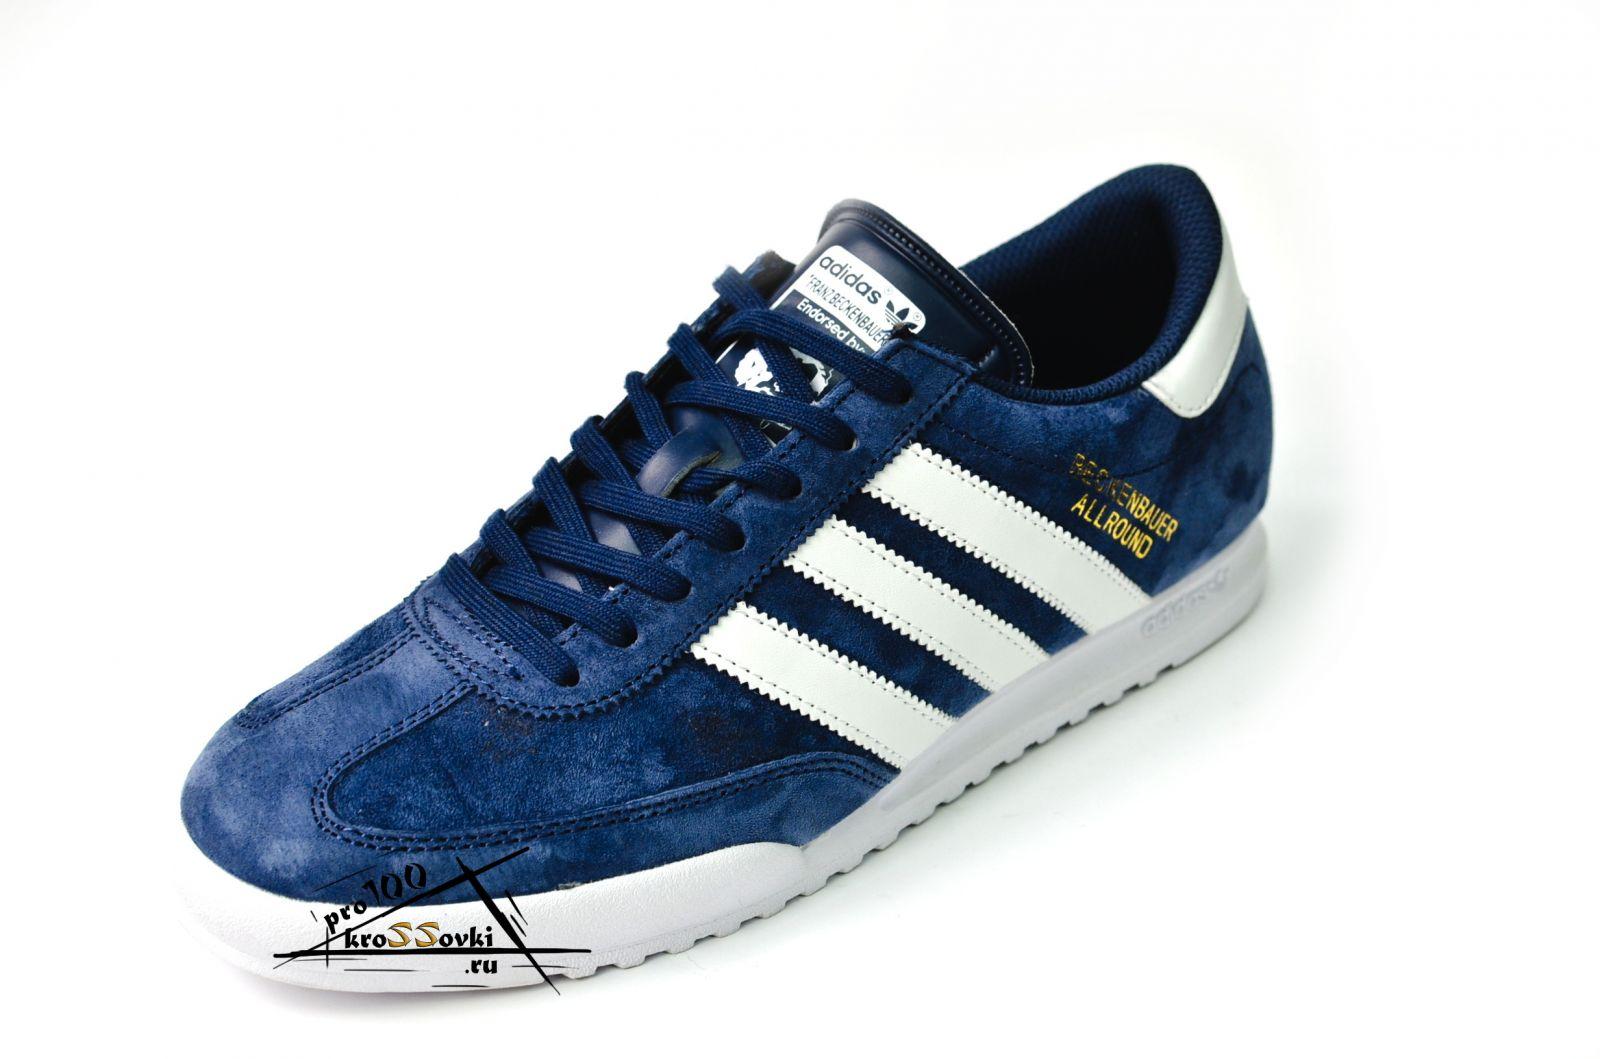 Кроссовки Adidas Beckenbauer мужские allround синие